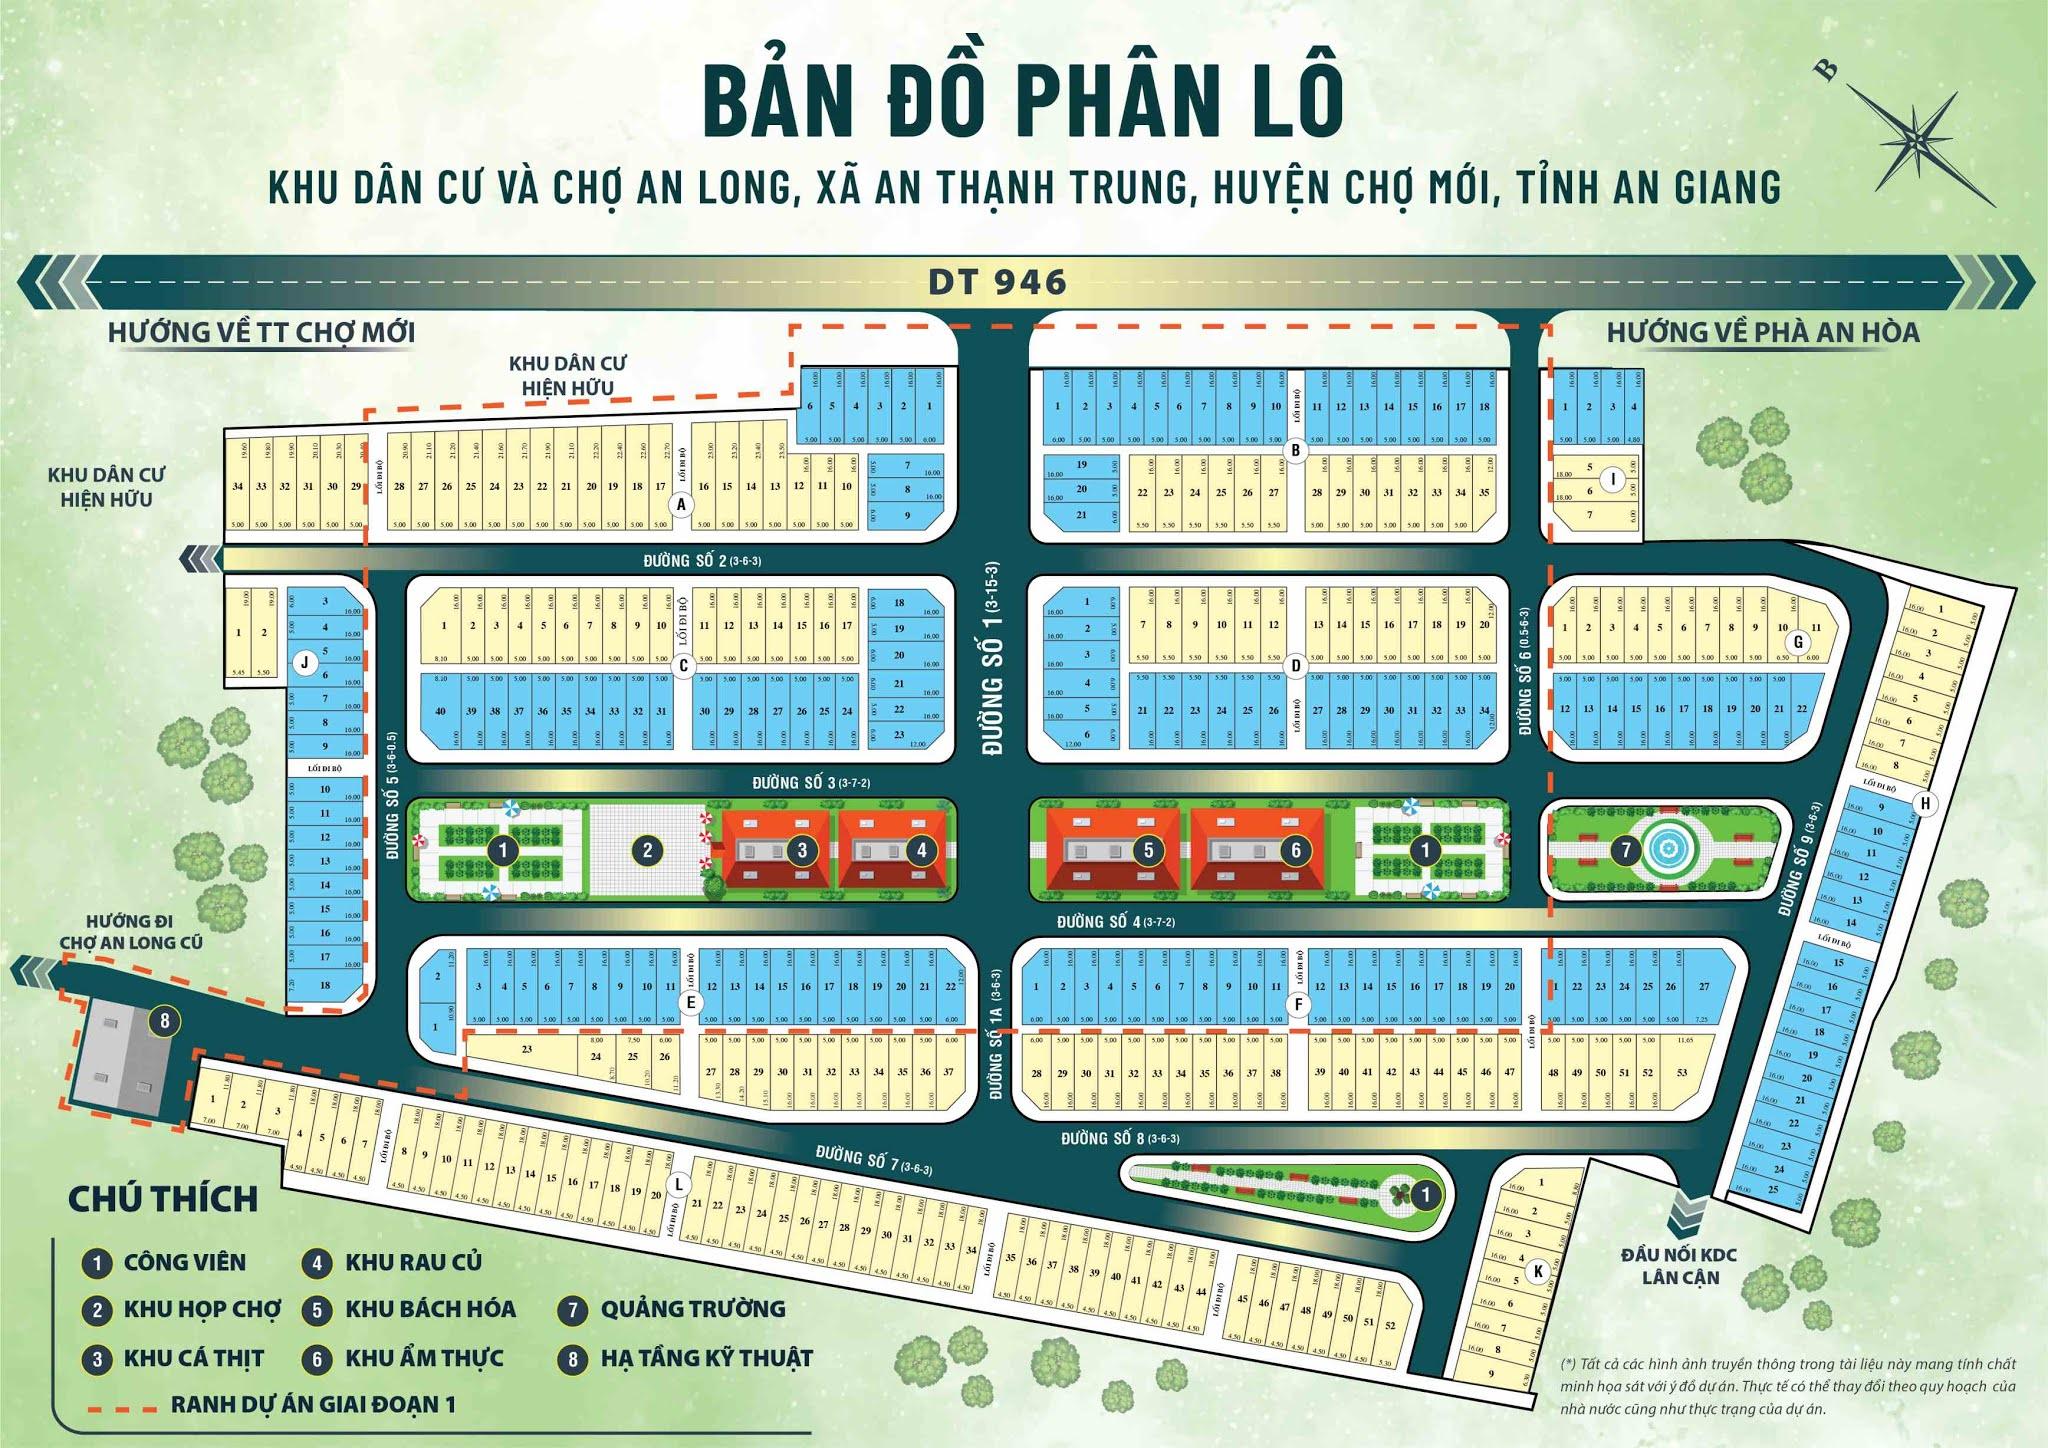 Bản đồ phân lô dự án Khu dân cư và chợ An Long, xã An Thạnh Trung, huyện Chợ Mới, tỉnh An Giang